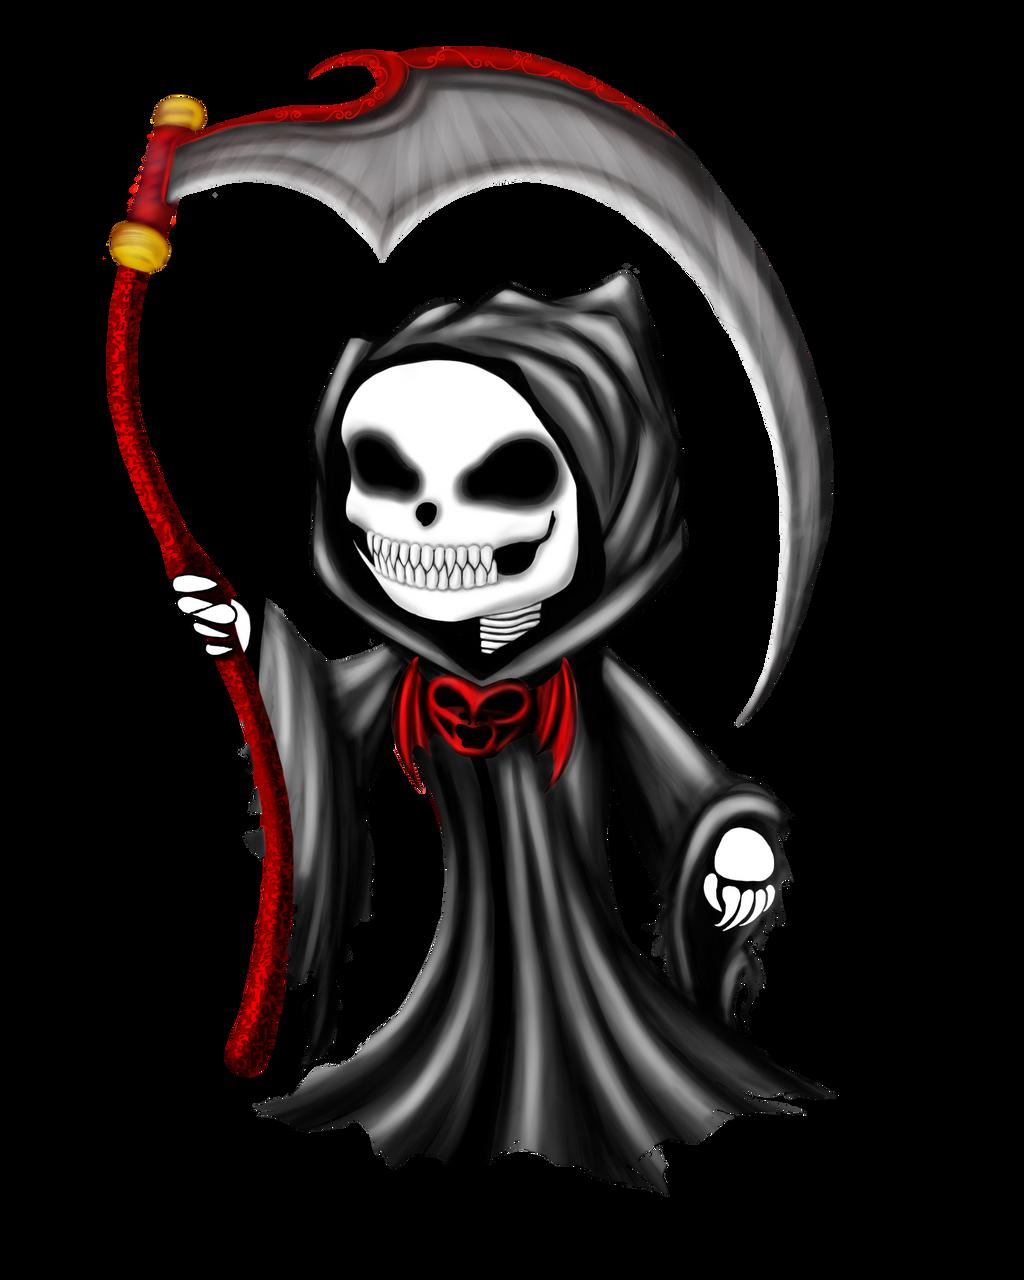 chibi_grim_reaper_by_tarasf-d6bkvkq.png